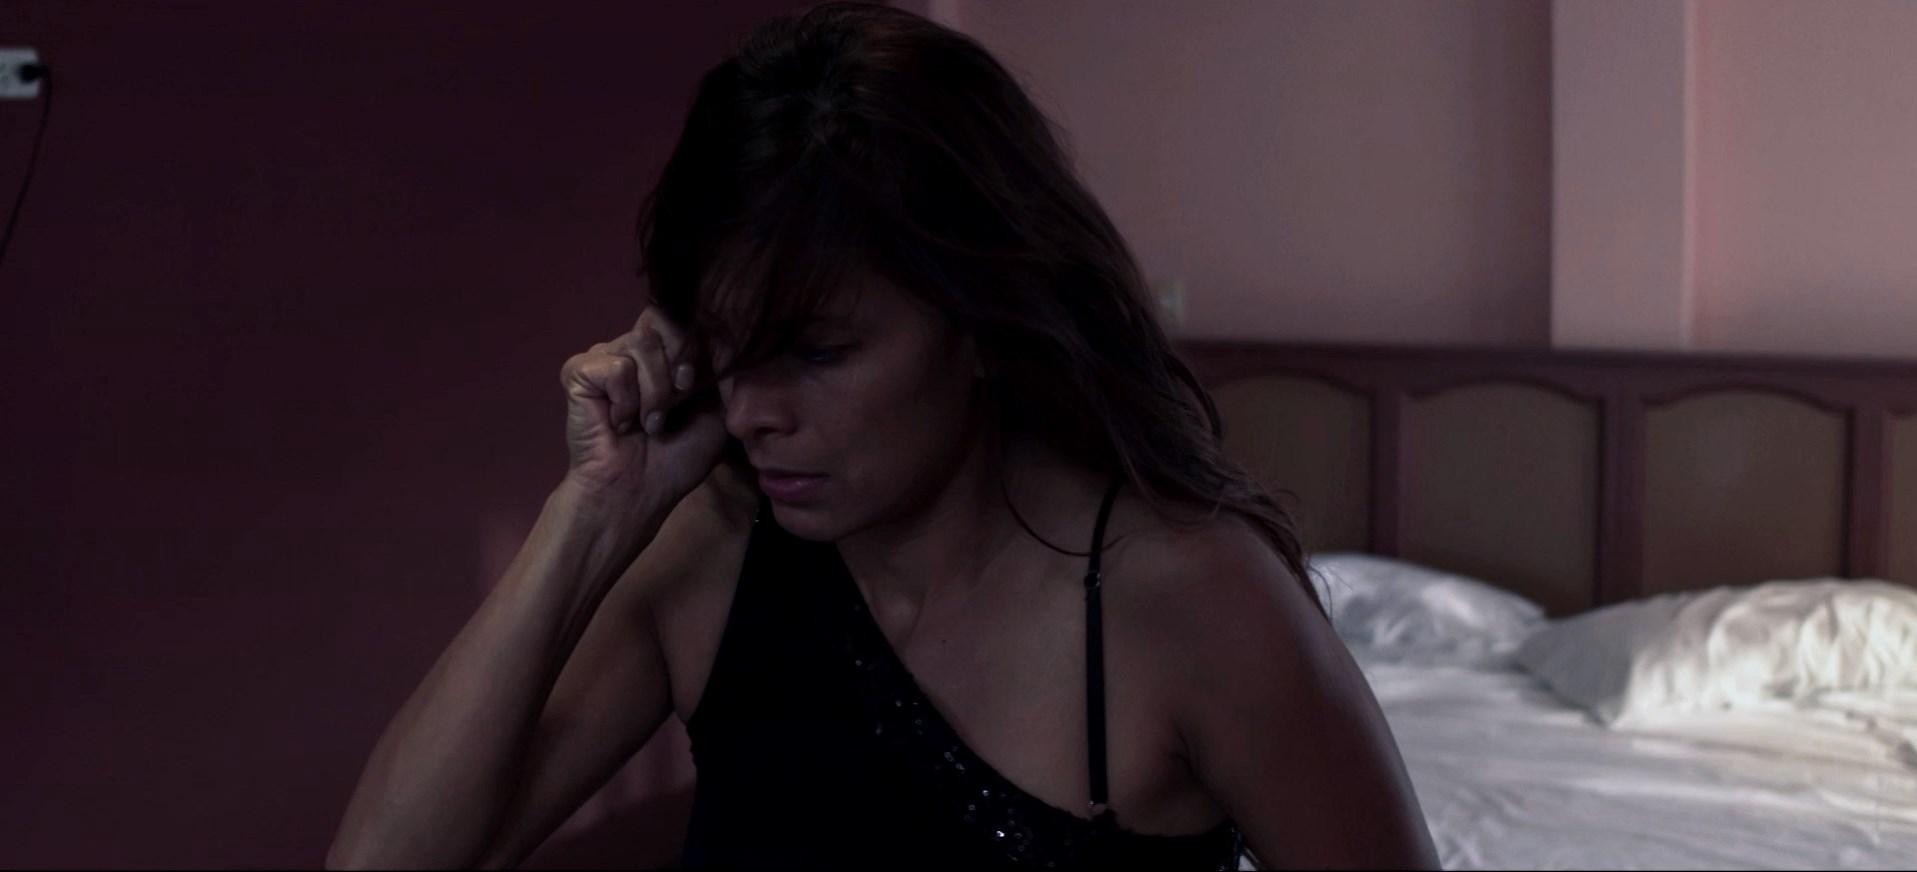 Yuli (2018) 1080p WEB-DL AMZN Latino